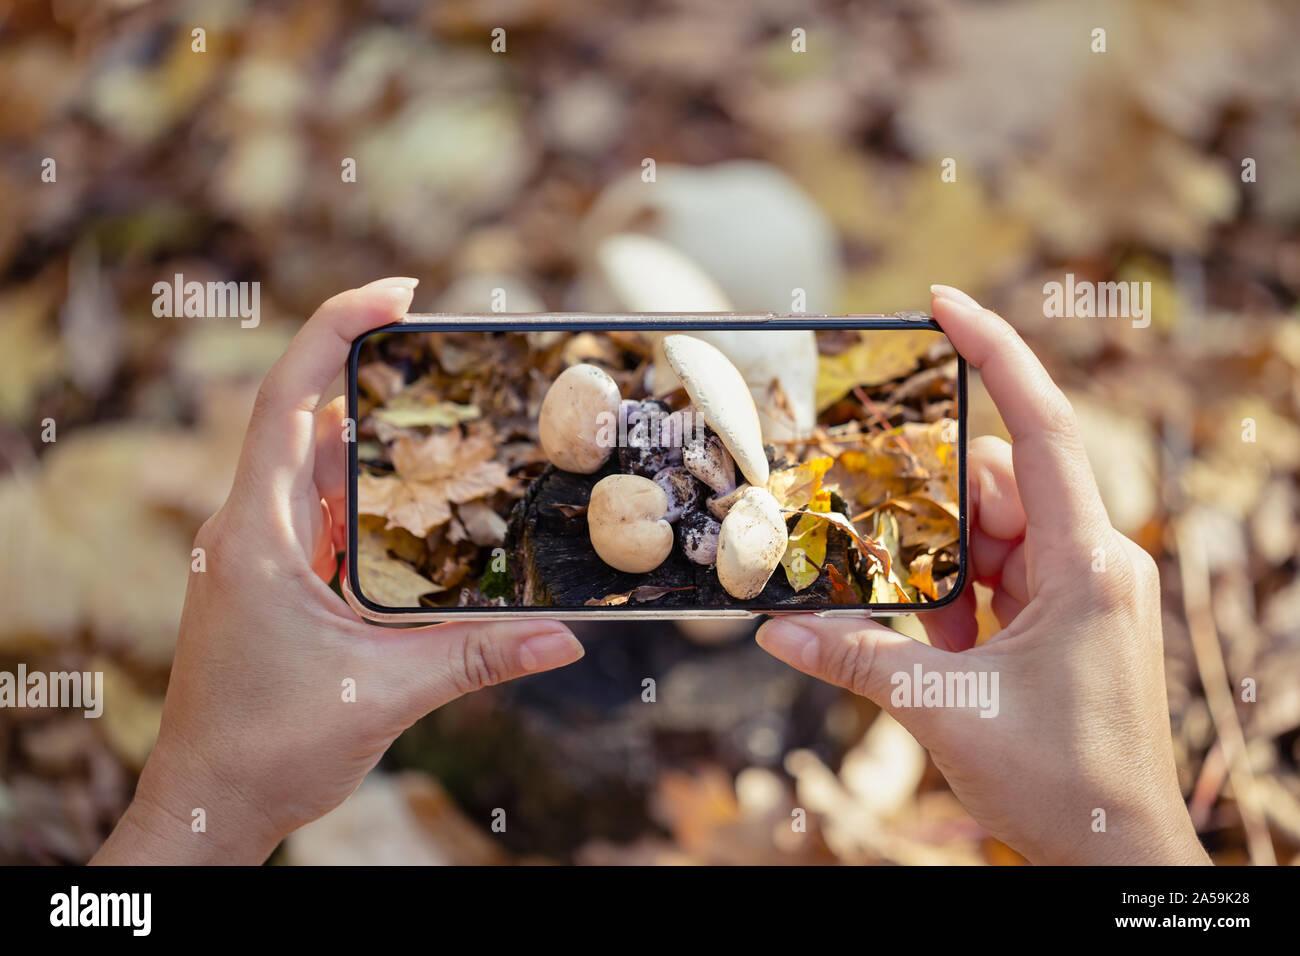 Femmes avec un téléphone de prendre des photos de champignons dans la forêt. Le concept de l'automne et vie active. Banque D'Images